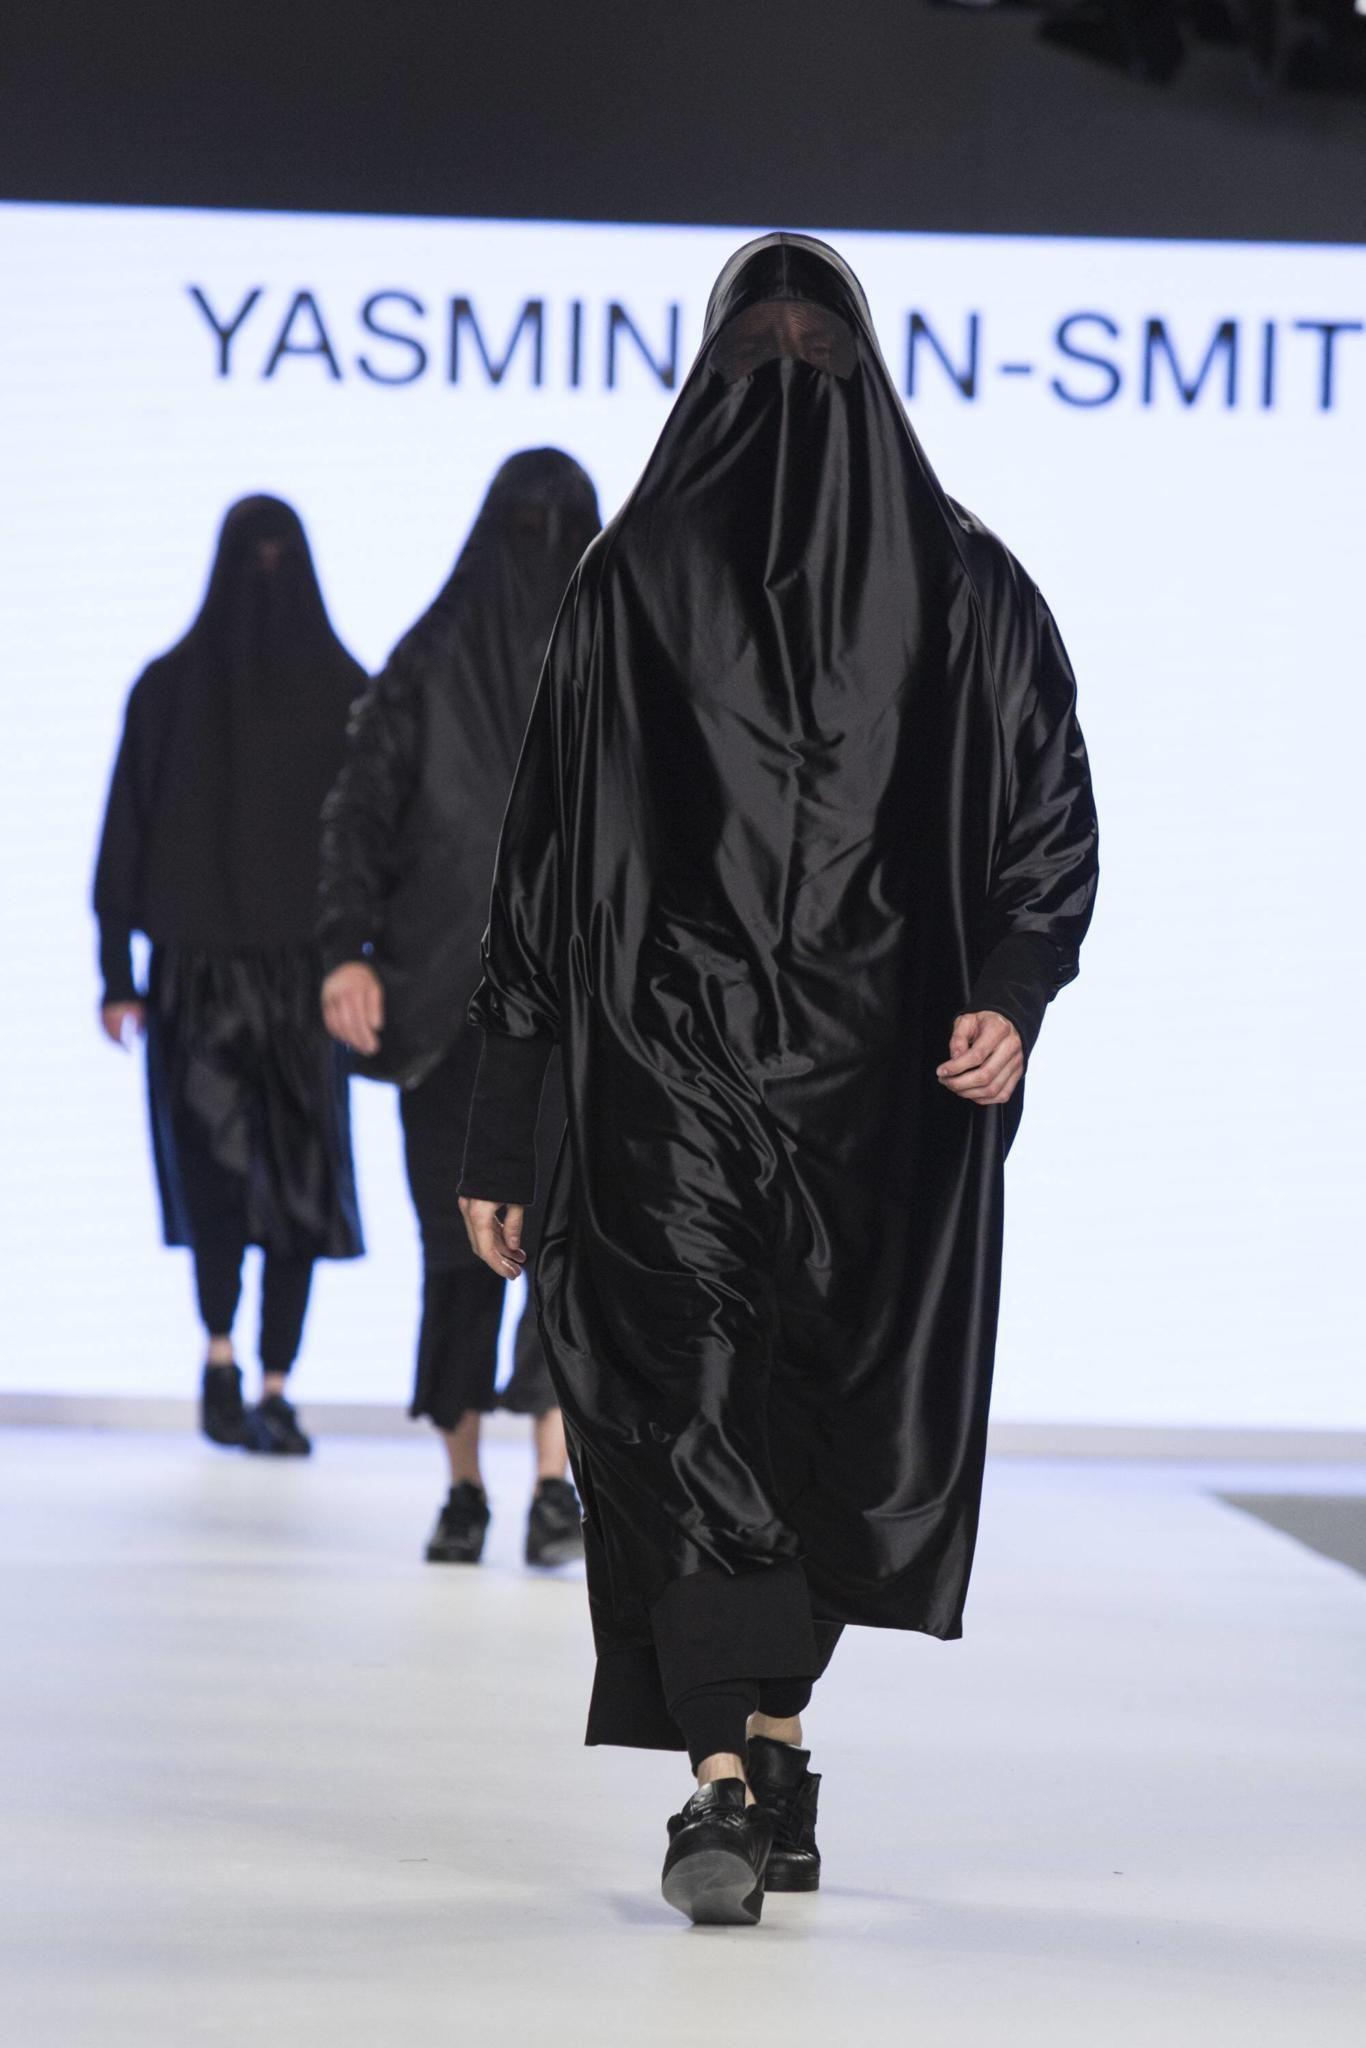 Maenner In Burkas